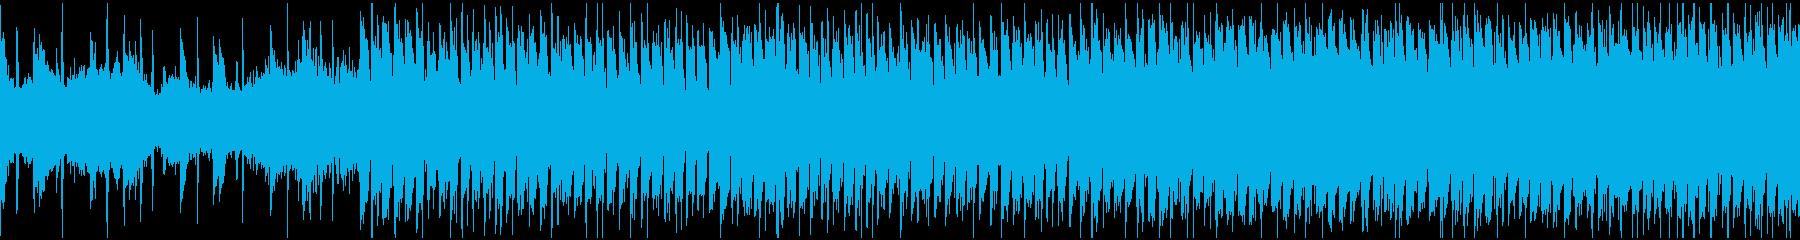 疾走感と緩急のあるシンセリード・ループの再生済みの波形